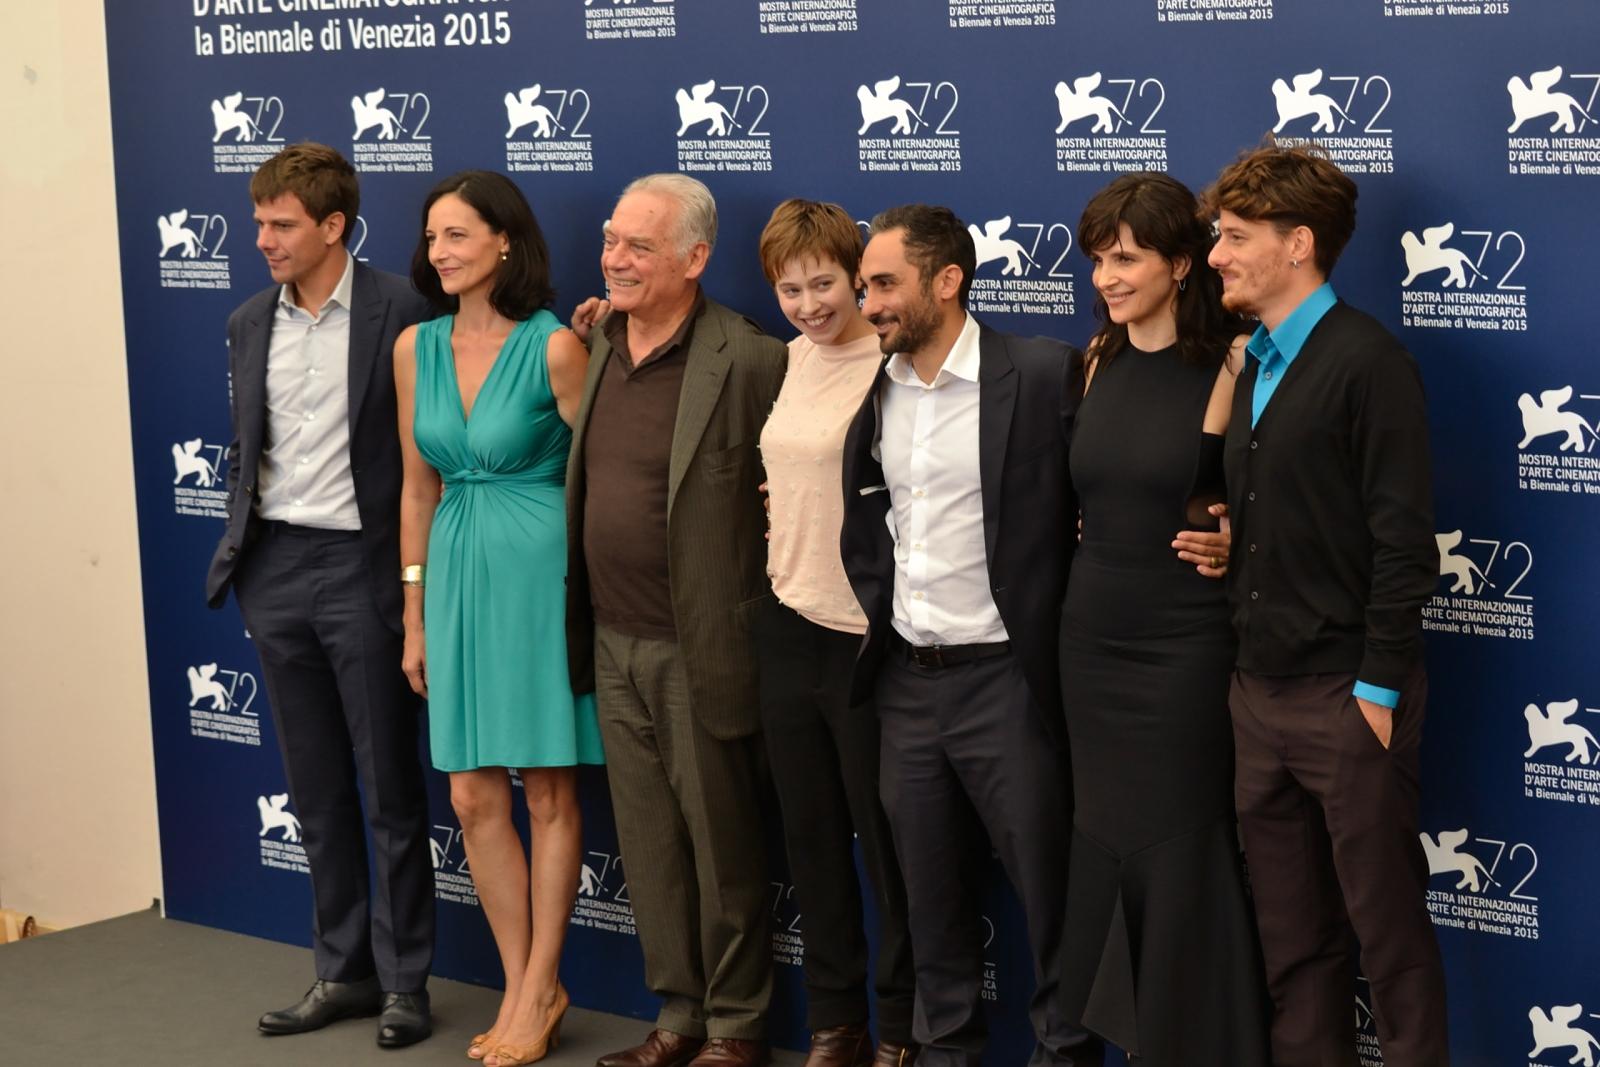 Venezia 2015: il cast del film L'attesa al ohotocall